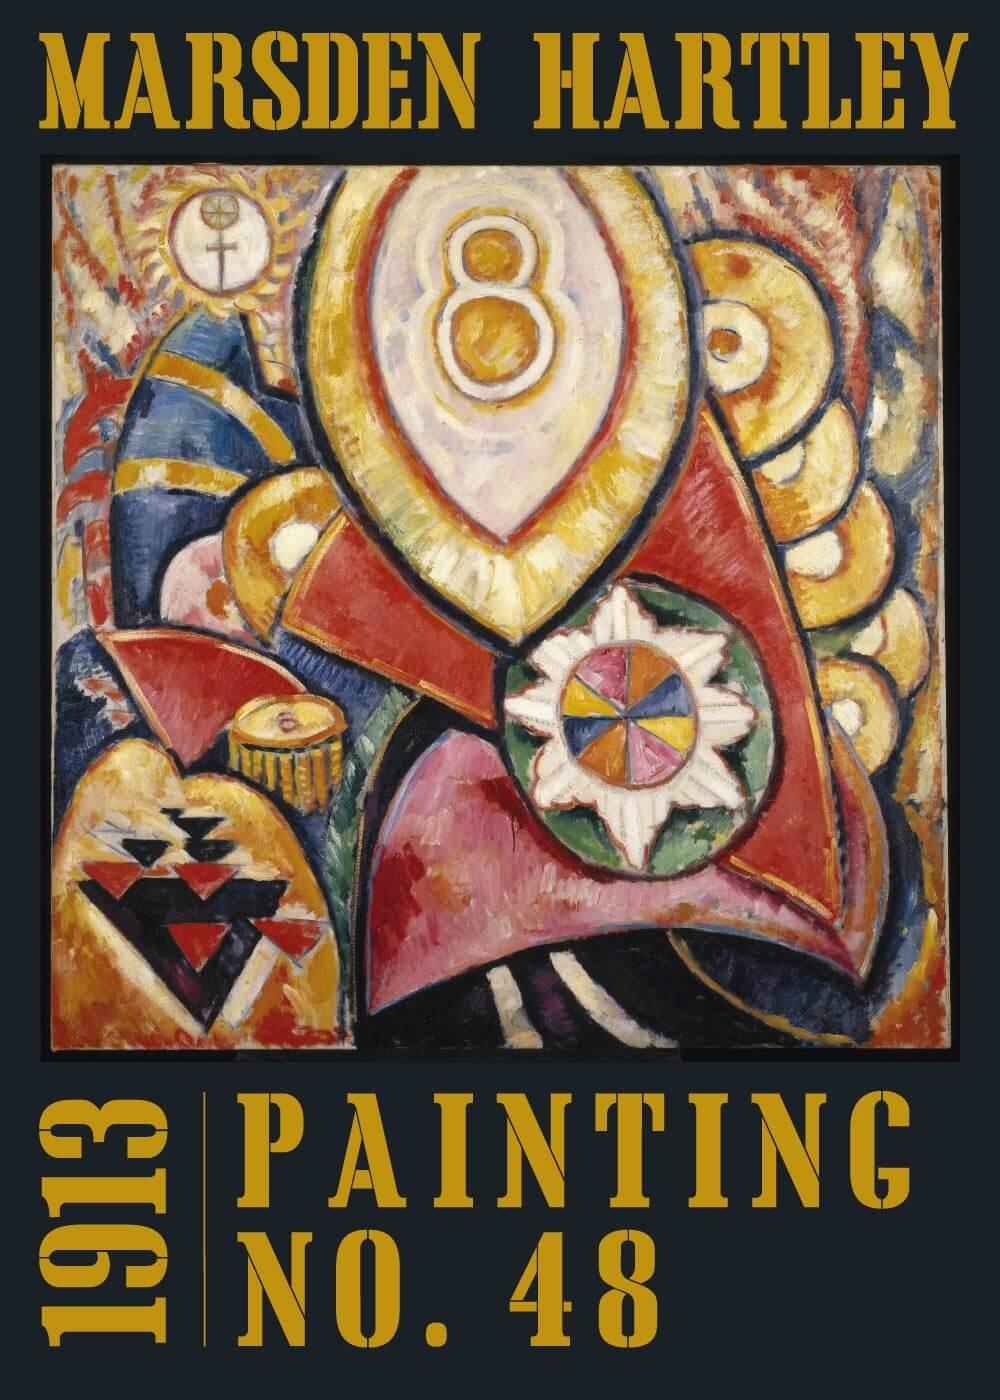 Billede af Painting no. 48 - Marsden Hartley